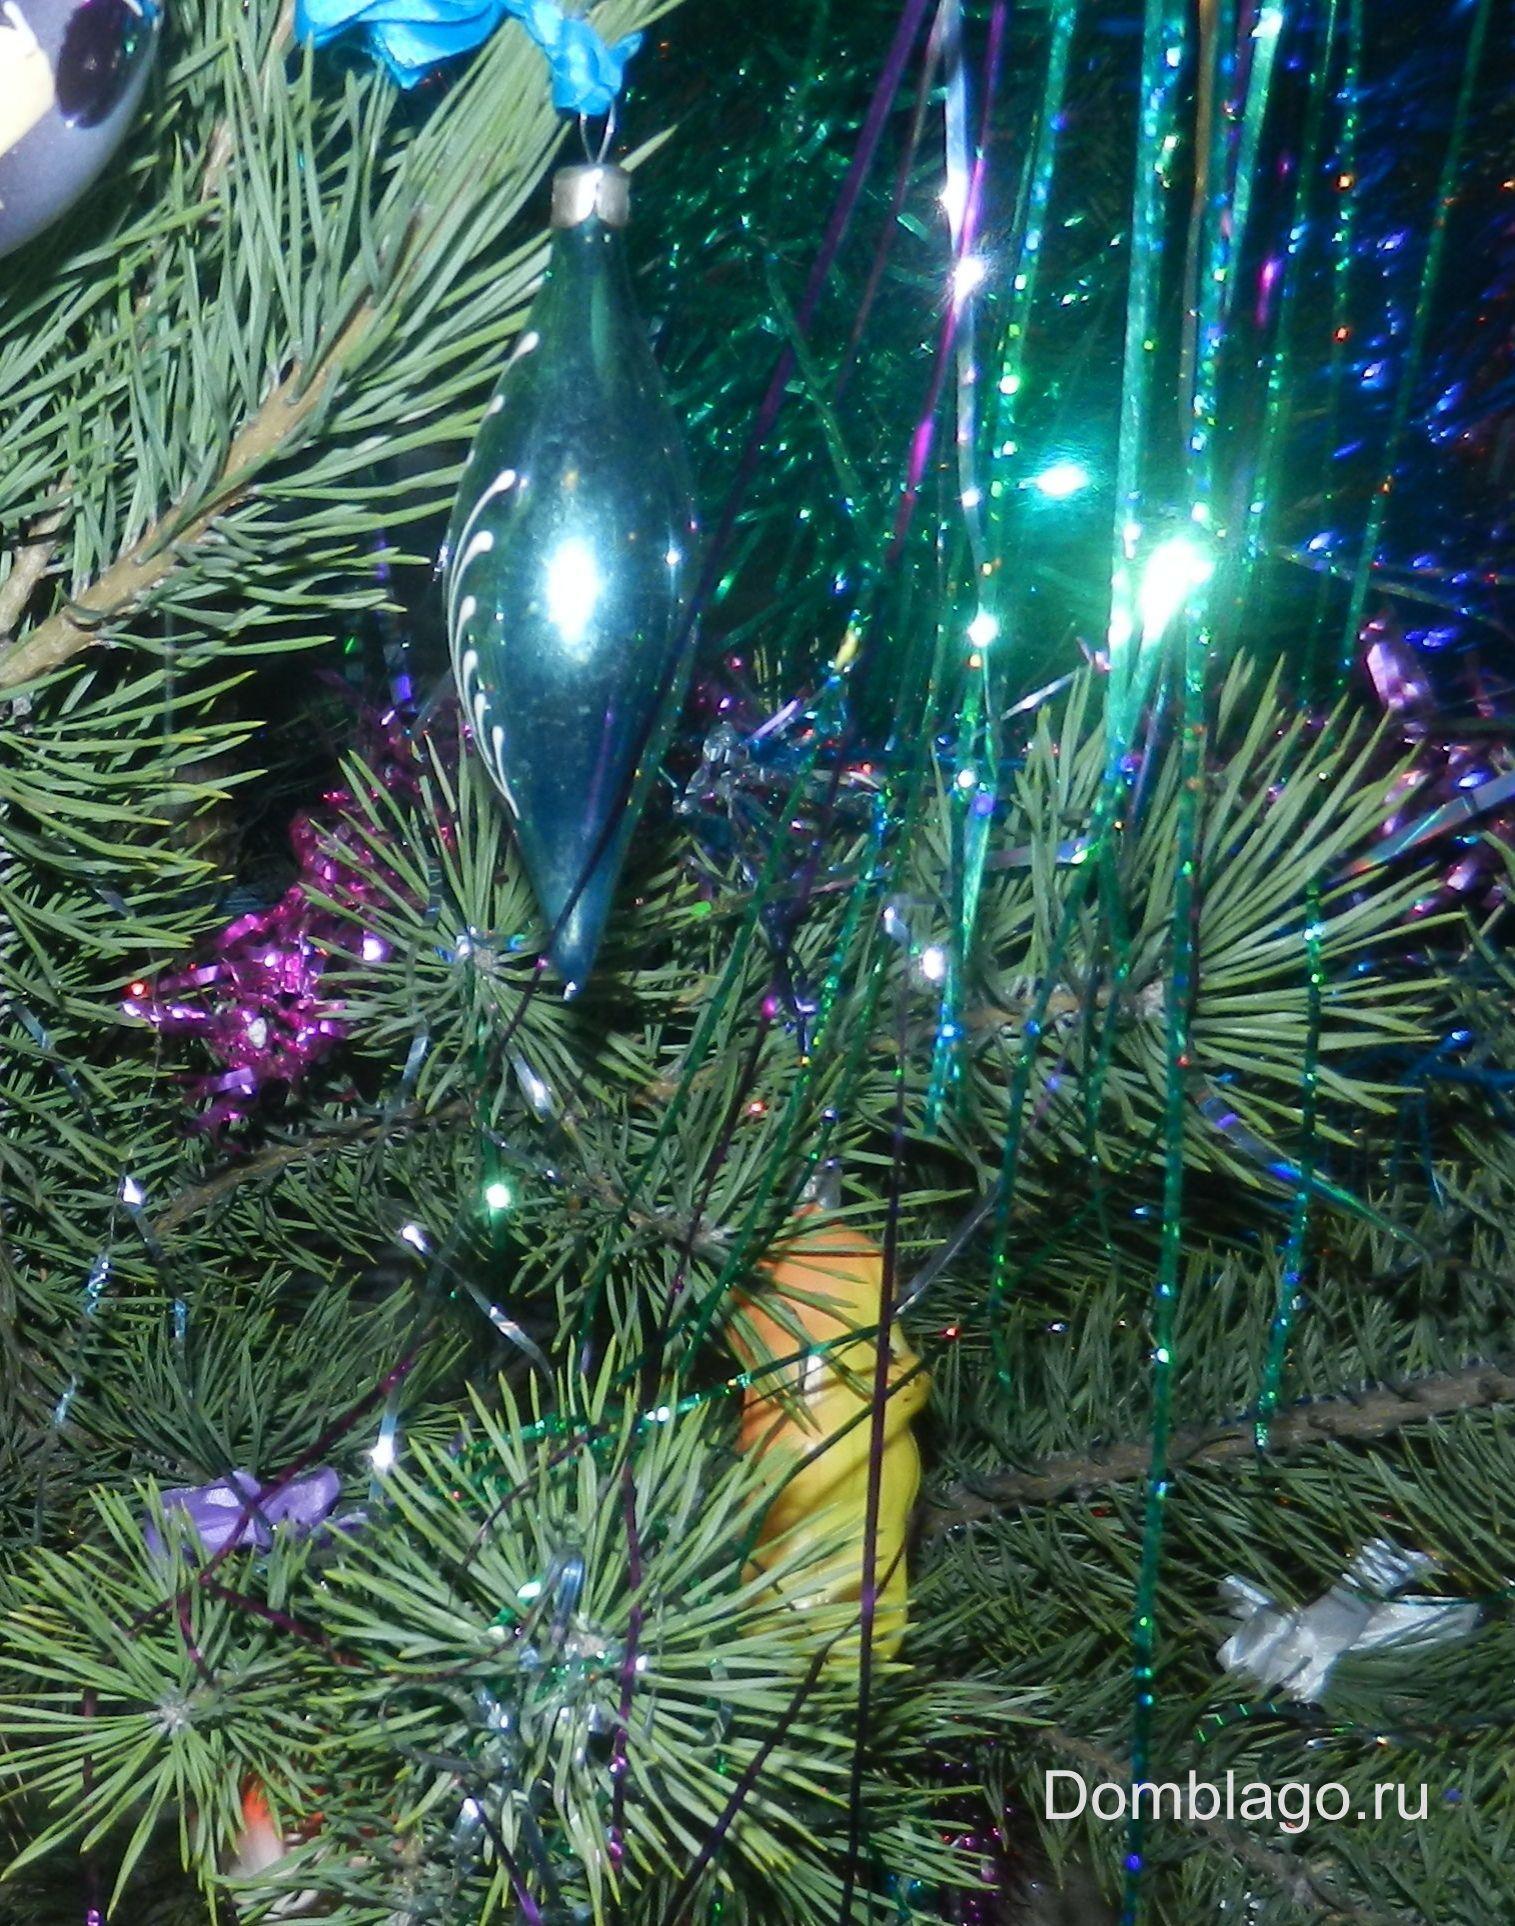 Готовимся к Новому году. Украшаем елку. Домашняя магия.